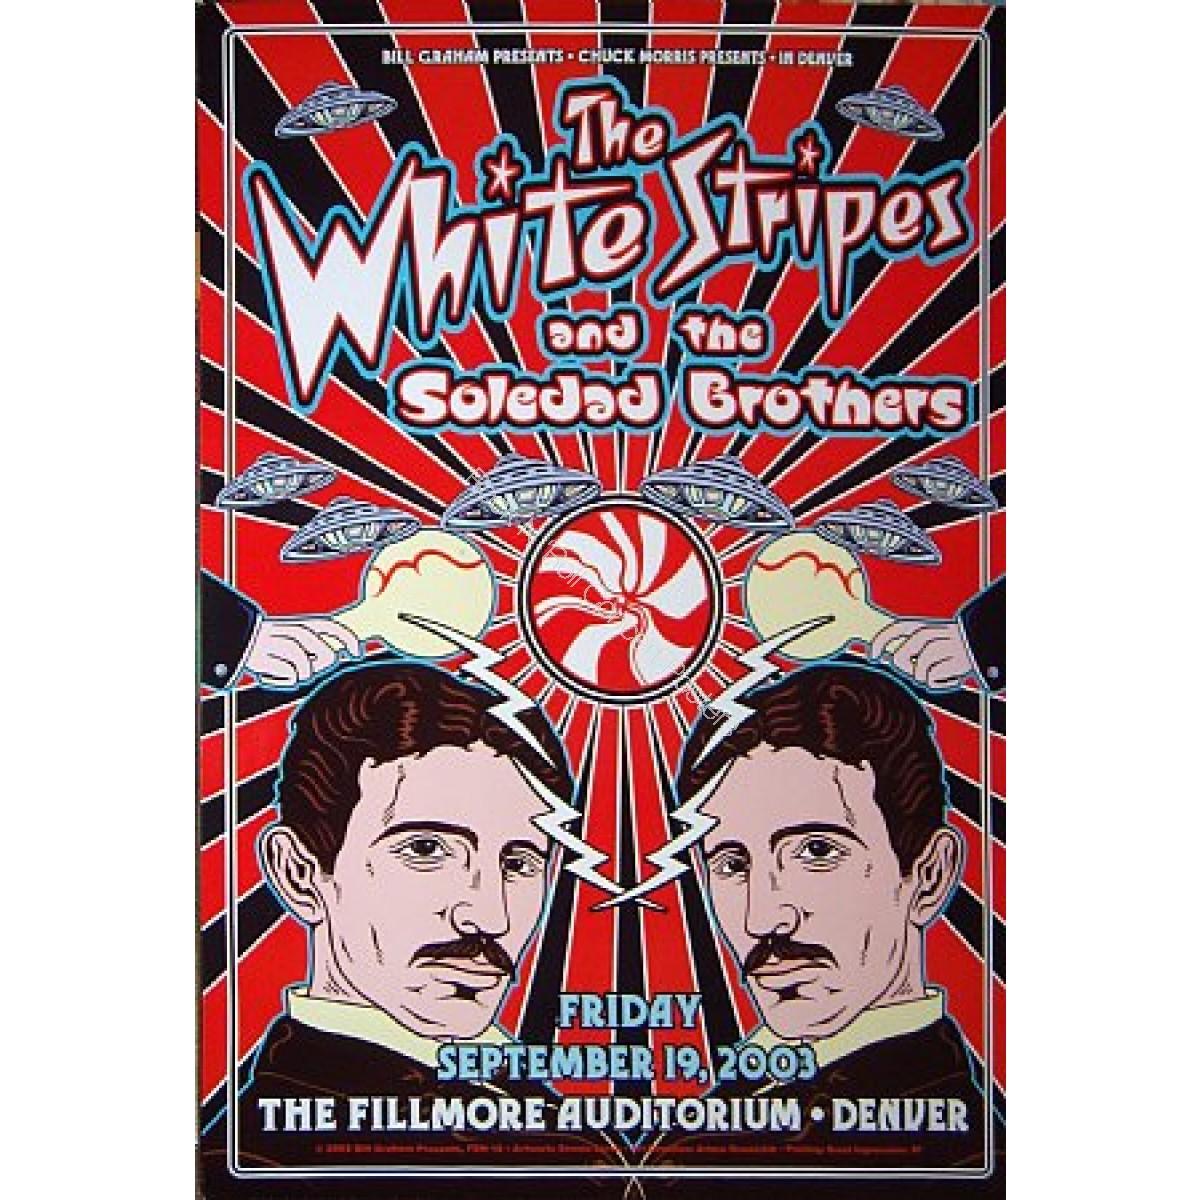 The White Stripes @ The Denver Fillmore 10/11/03